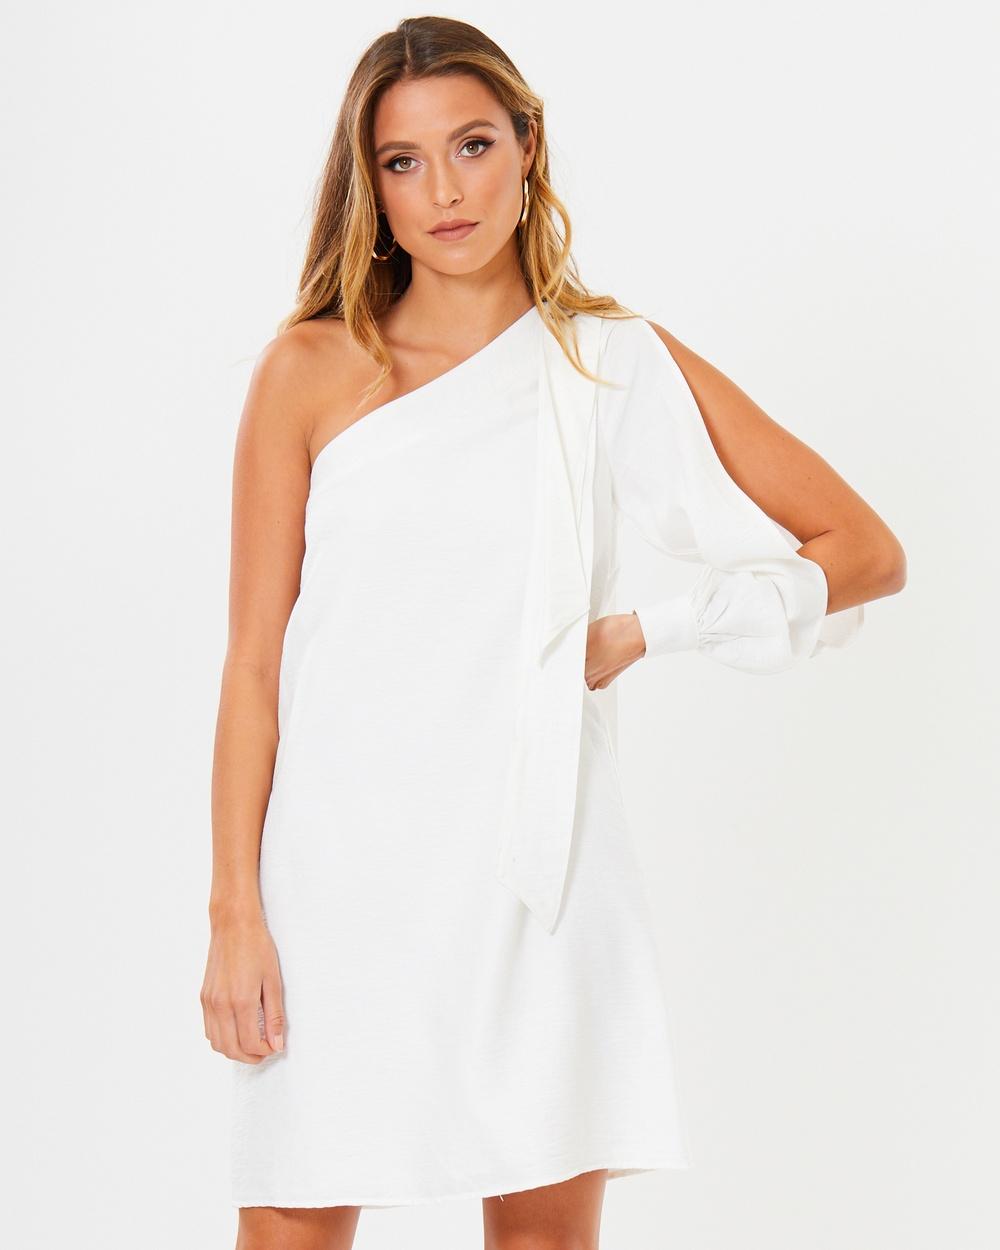 Calli Billi One Shoulder Dress Dresses White Billi One-Shoulder Dress